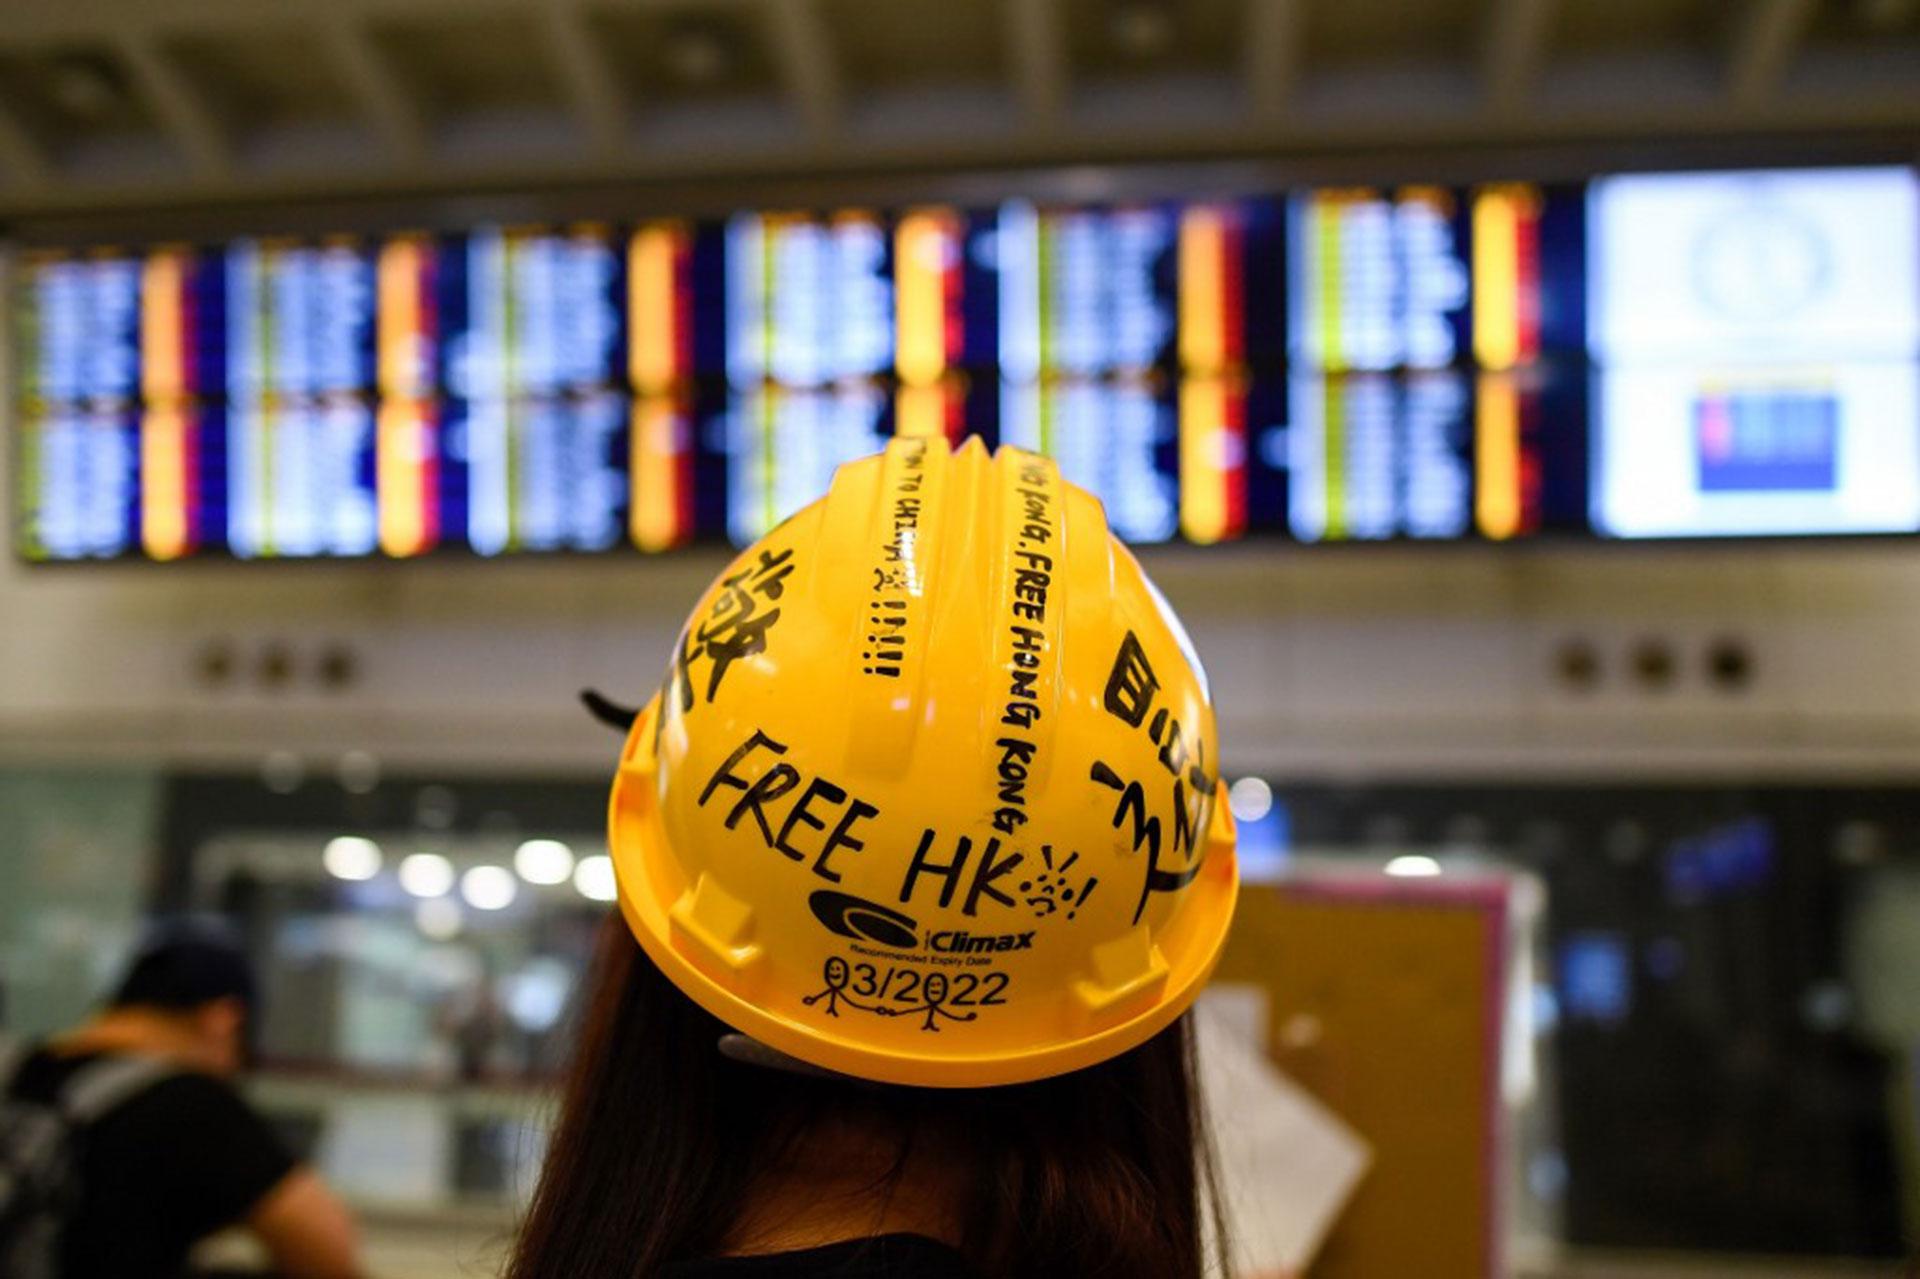 Unajovenobserva el tablero de anuncios de vuelos cancelados durante la protesta contra la brutalidad policial y el controvertido proyecto de ley de extradición en Hong Kong (Foto de Manan VATSYAYANA / AFP)